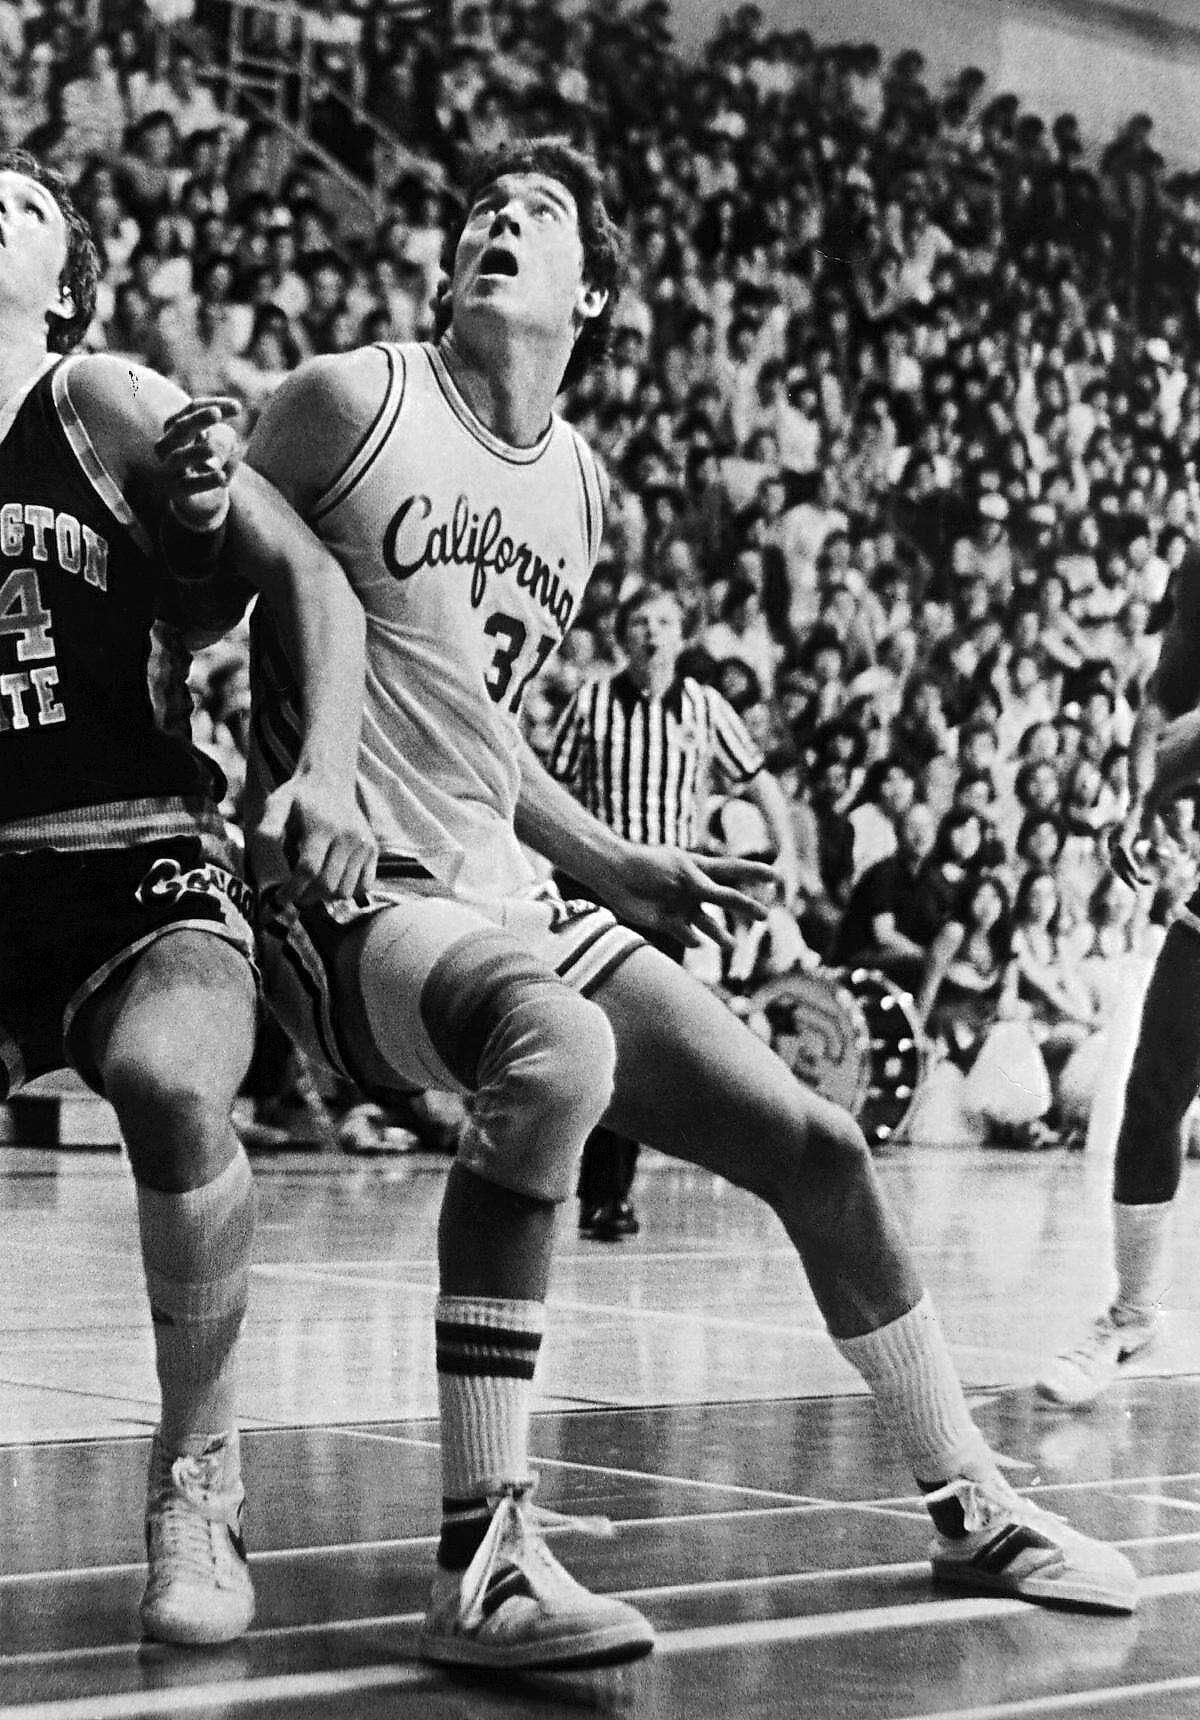 Mark McNamara played two seasons -- 1980-81 and 1981-82 -- at Cal.